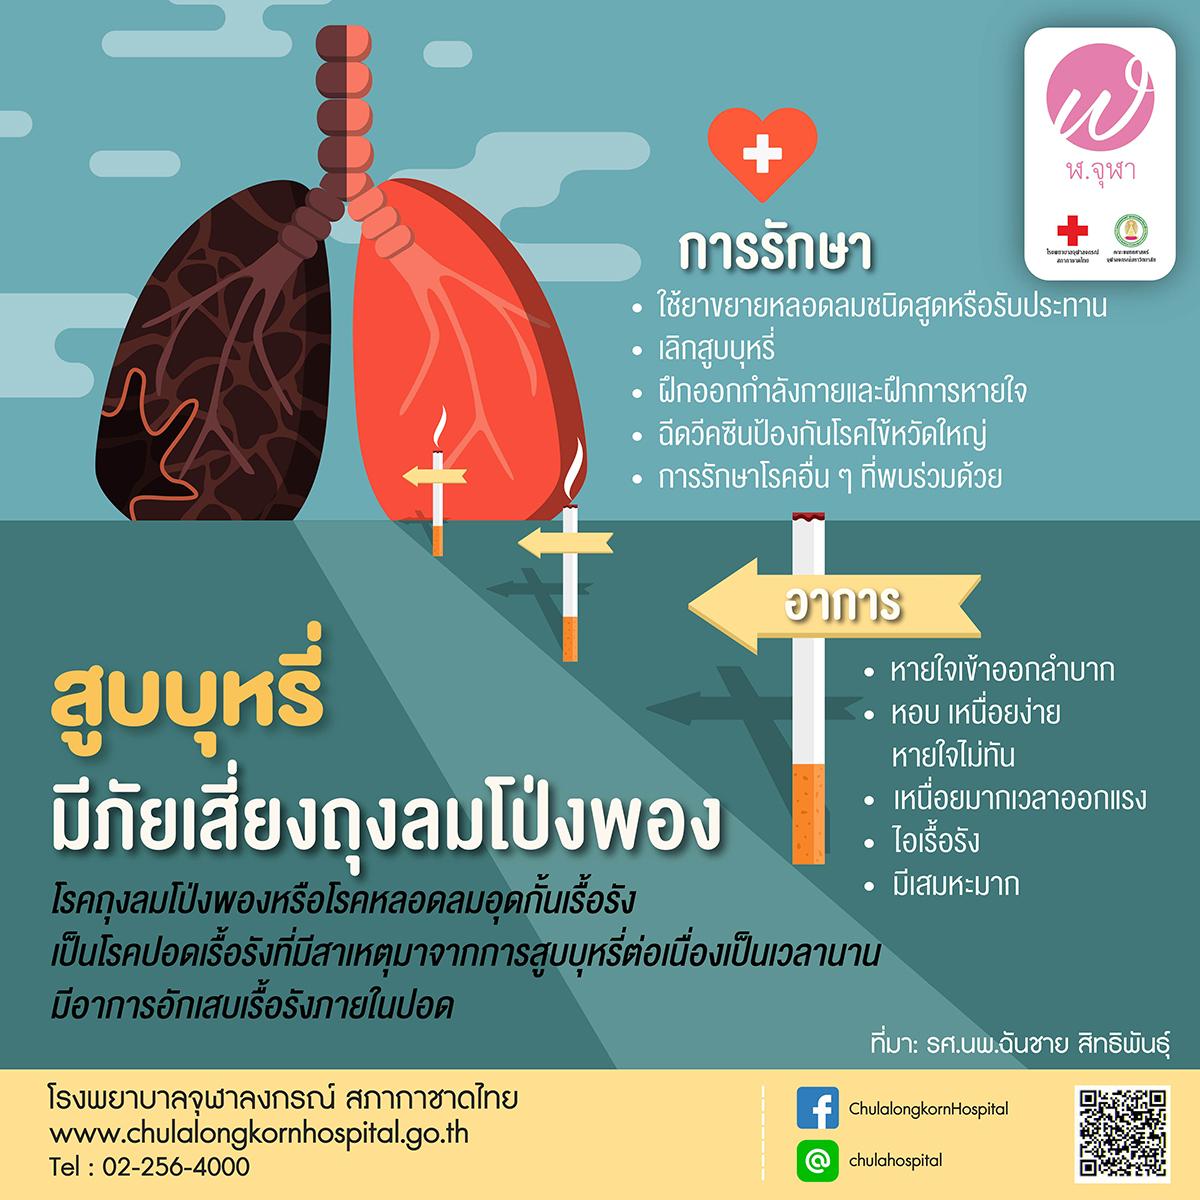 สูบบุหรี่ มีภัยเสี่ยงถุงลมโป่งพอง